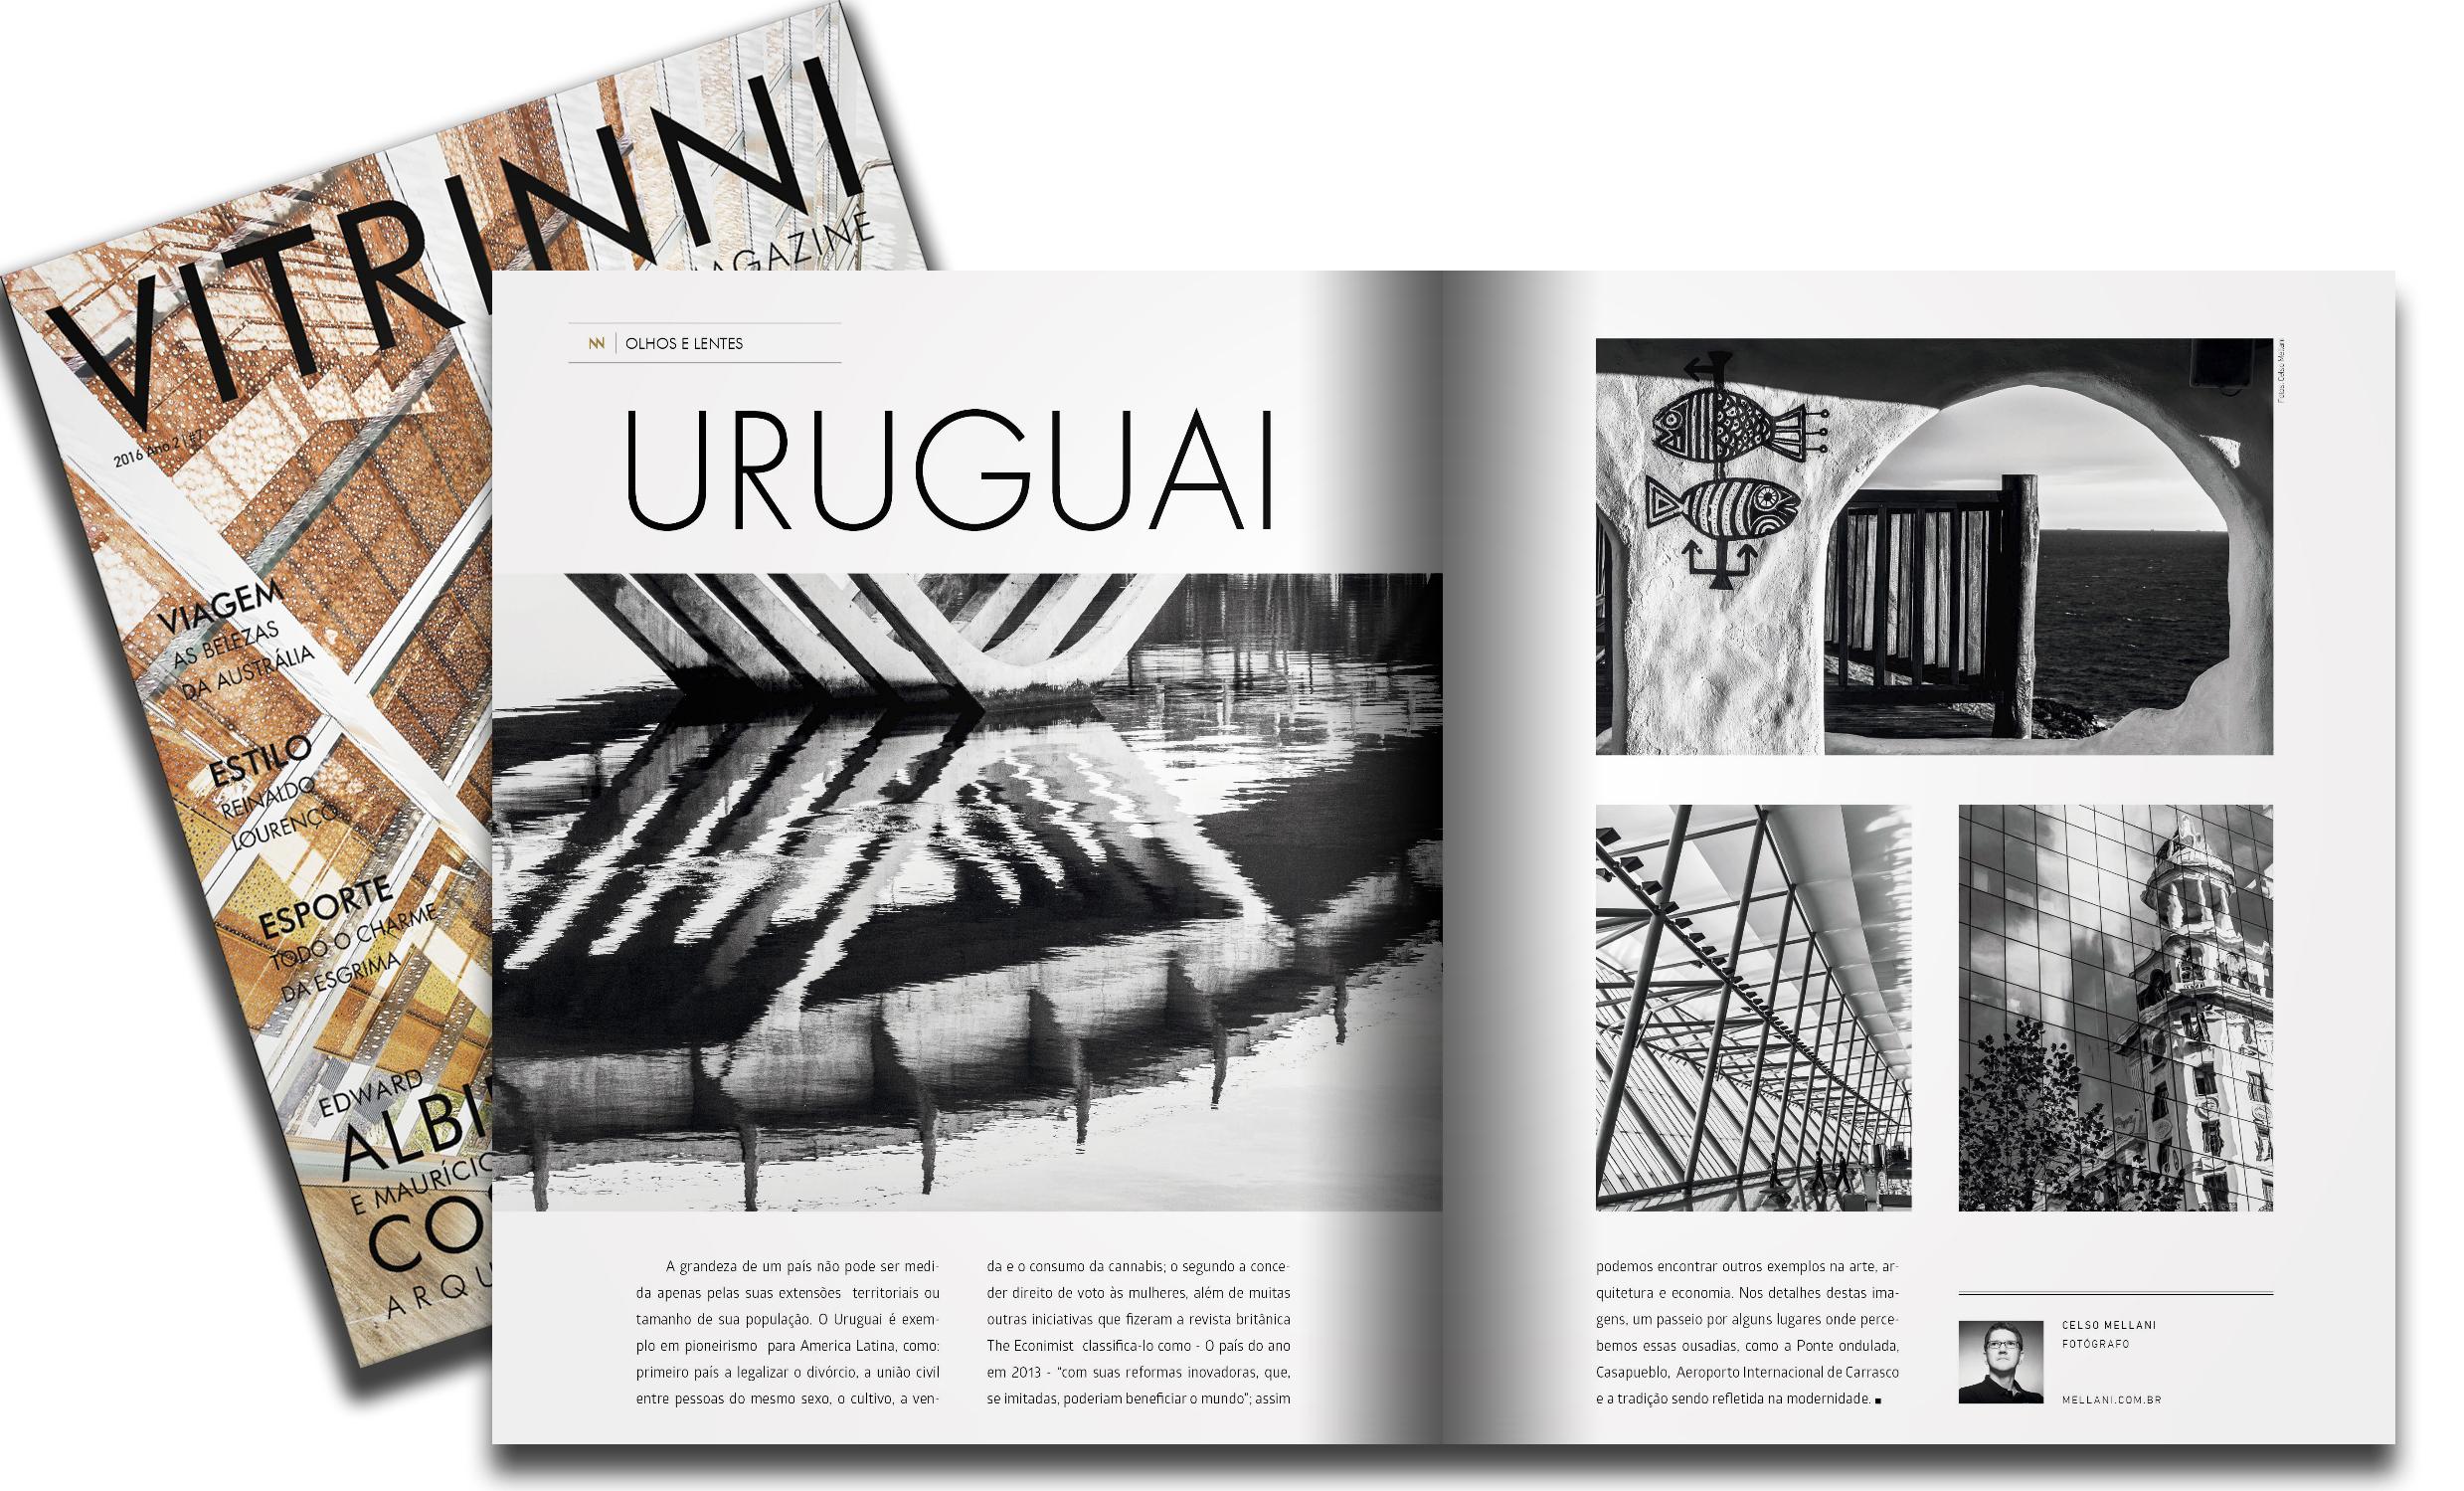 Capa Vitrinni Arquitetos Uruguai